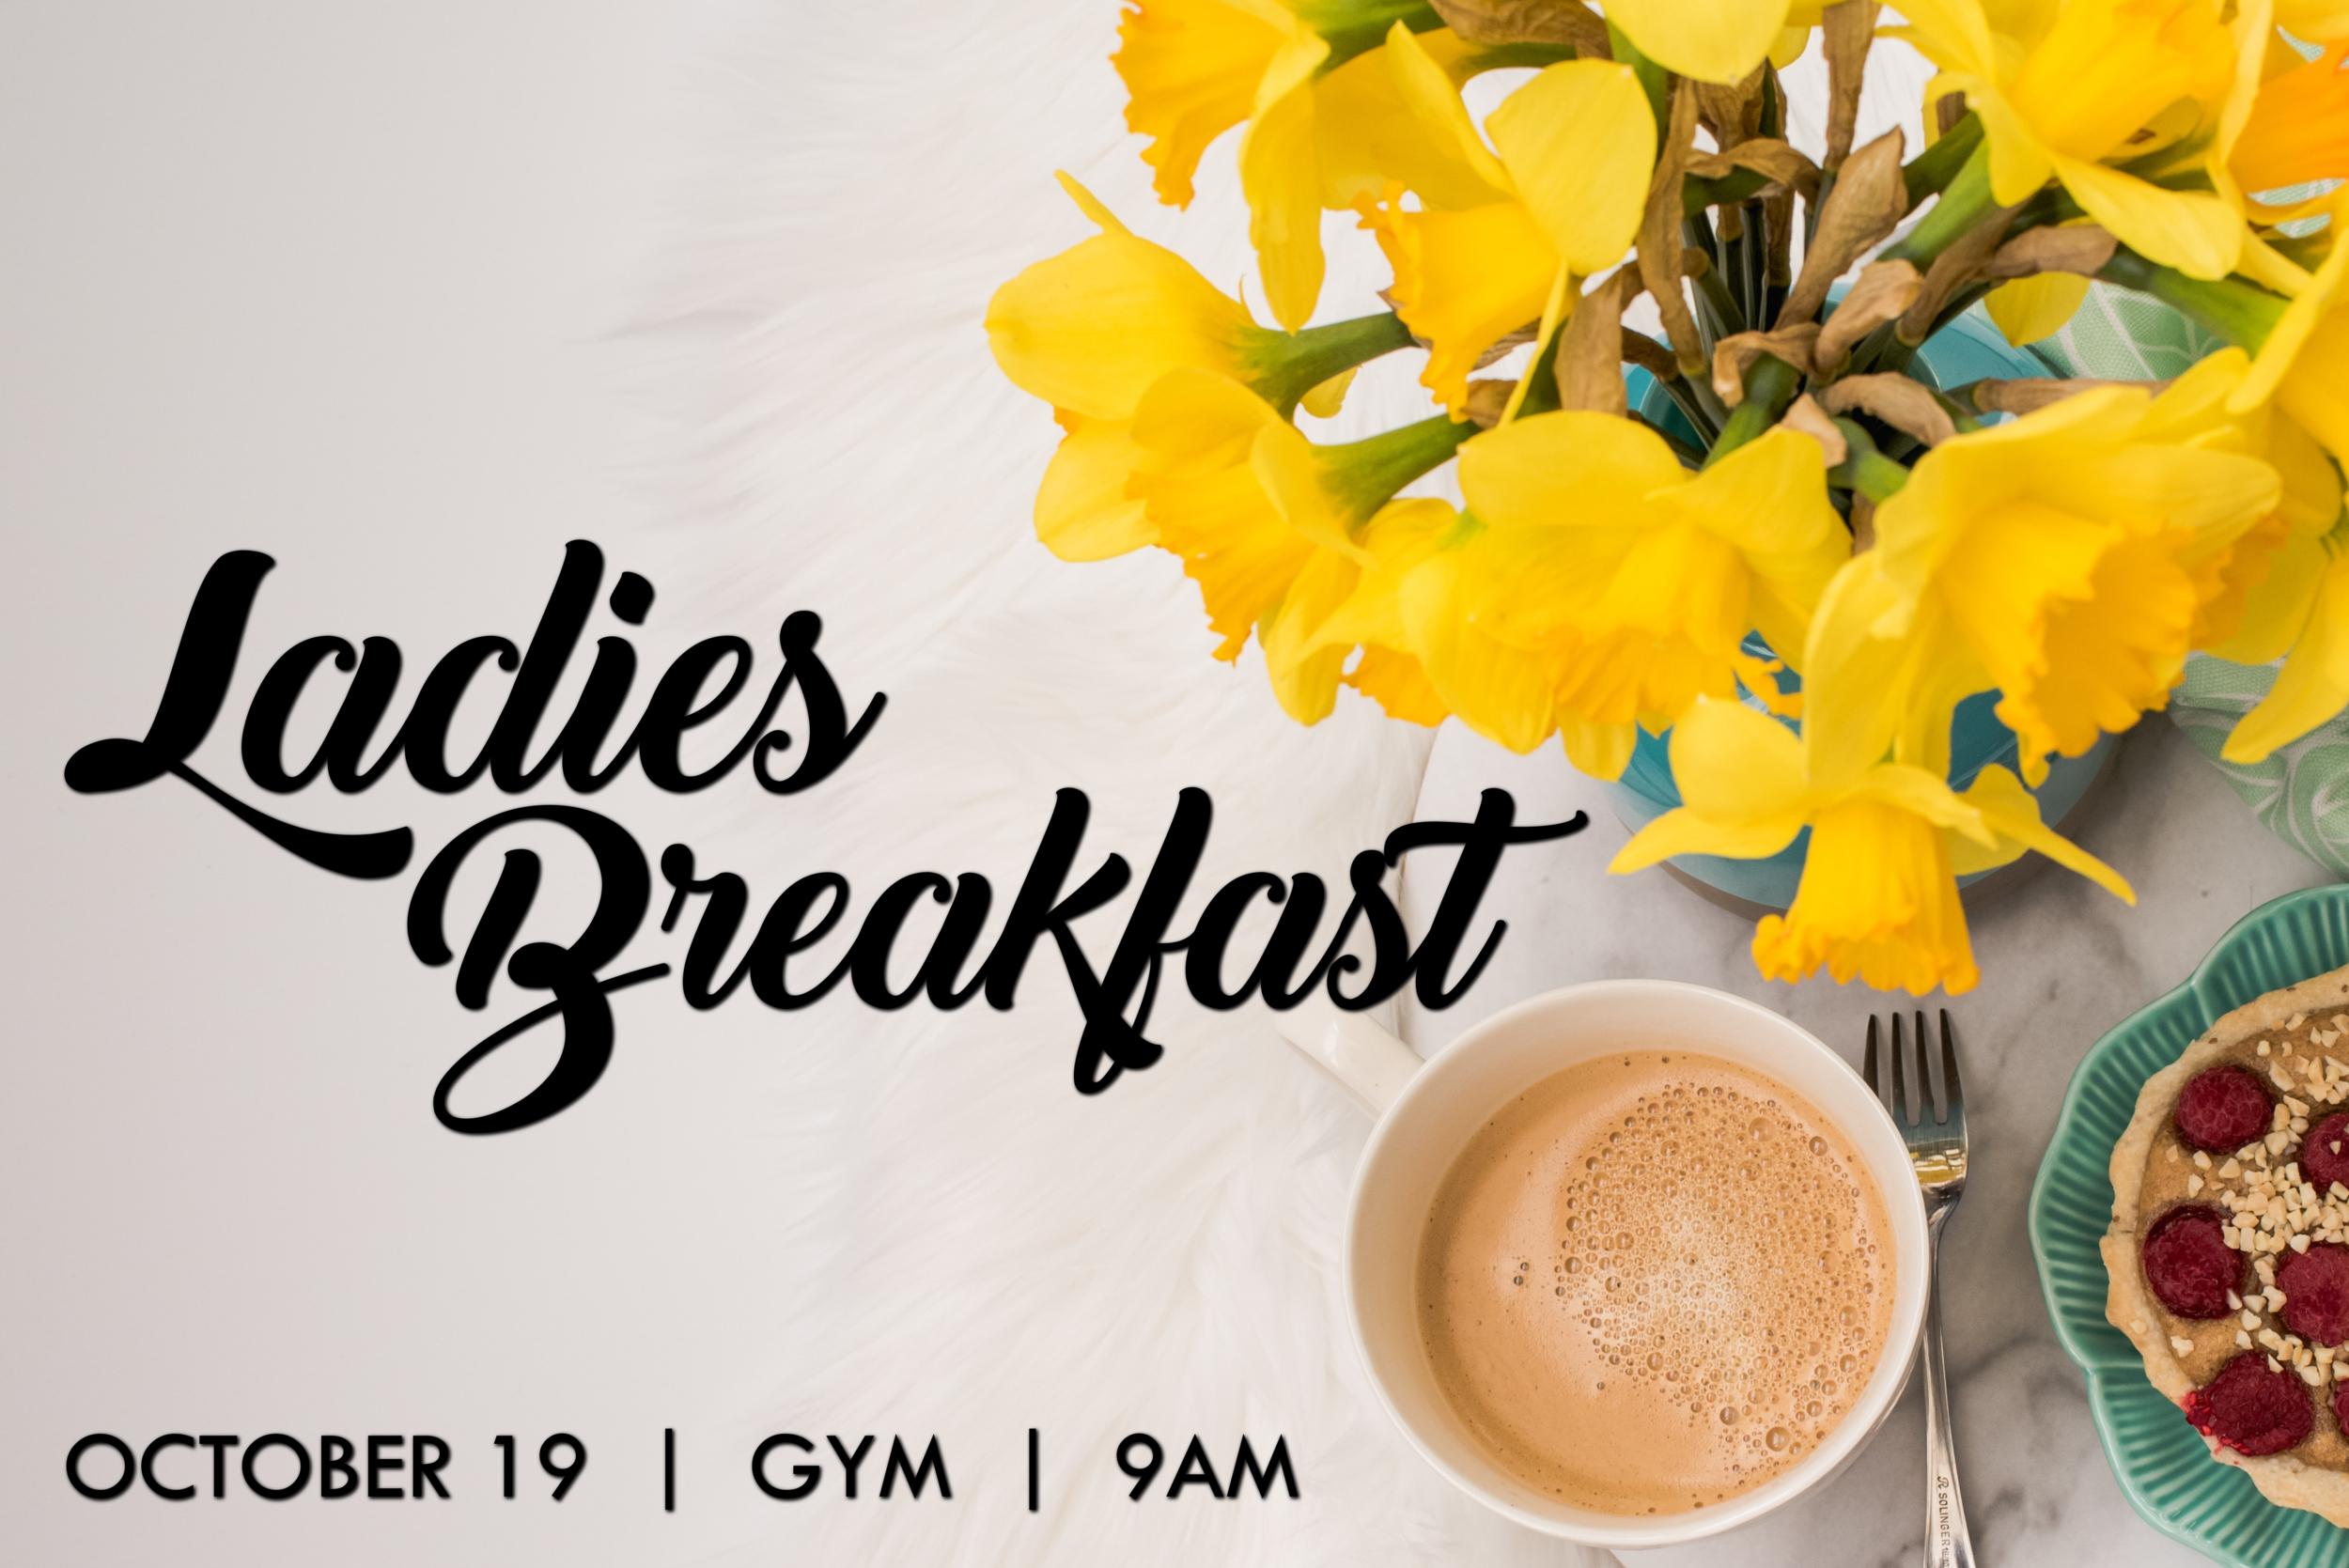 Ladies Breakfast-Oct 19.png